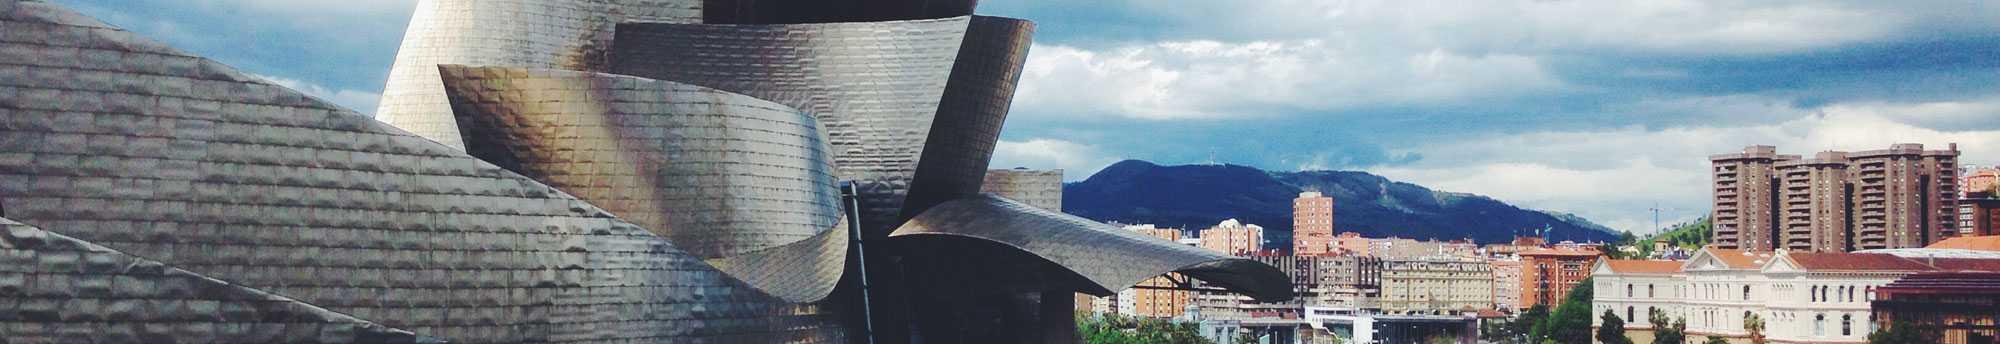 Entradas al Museo Guggenheim